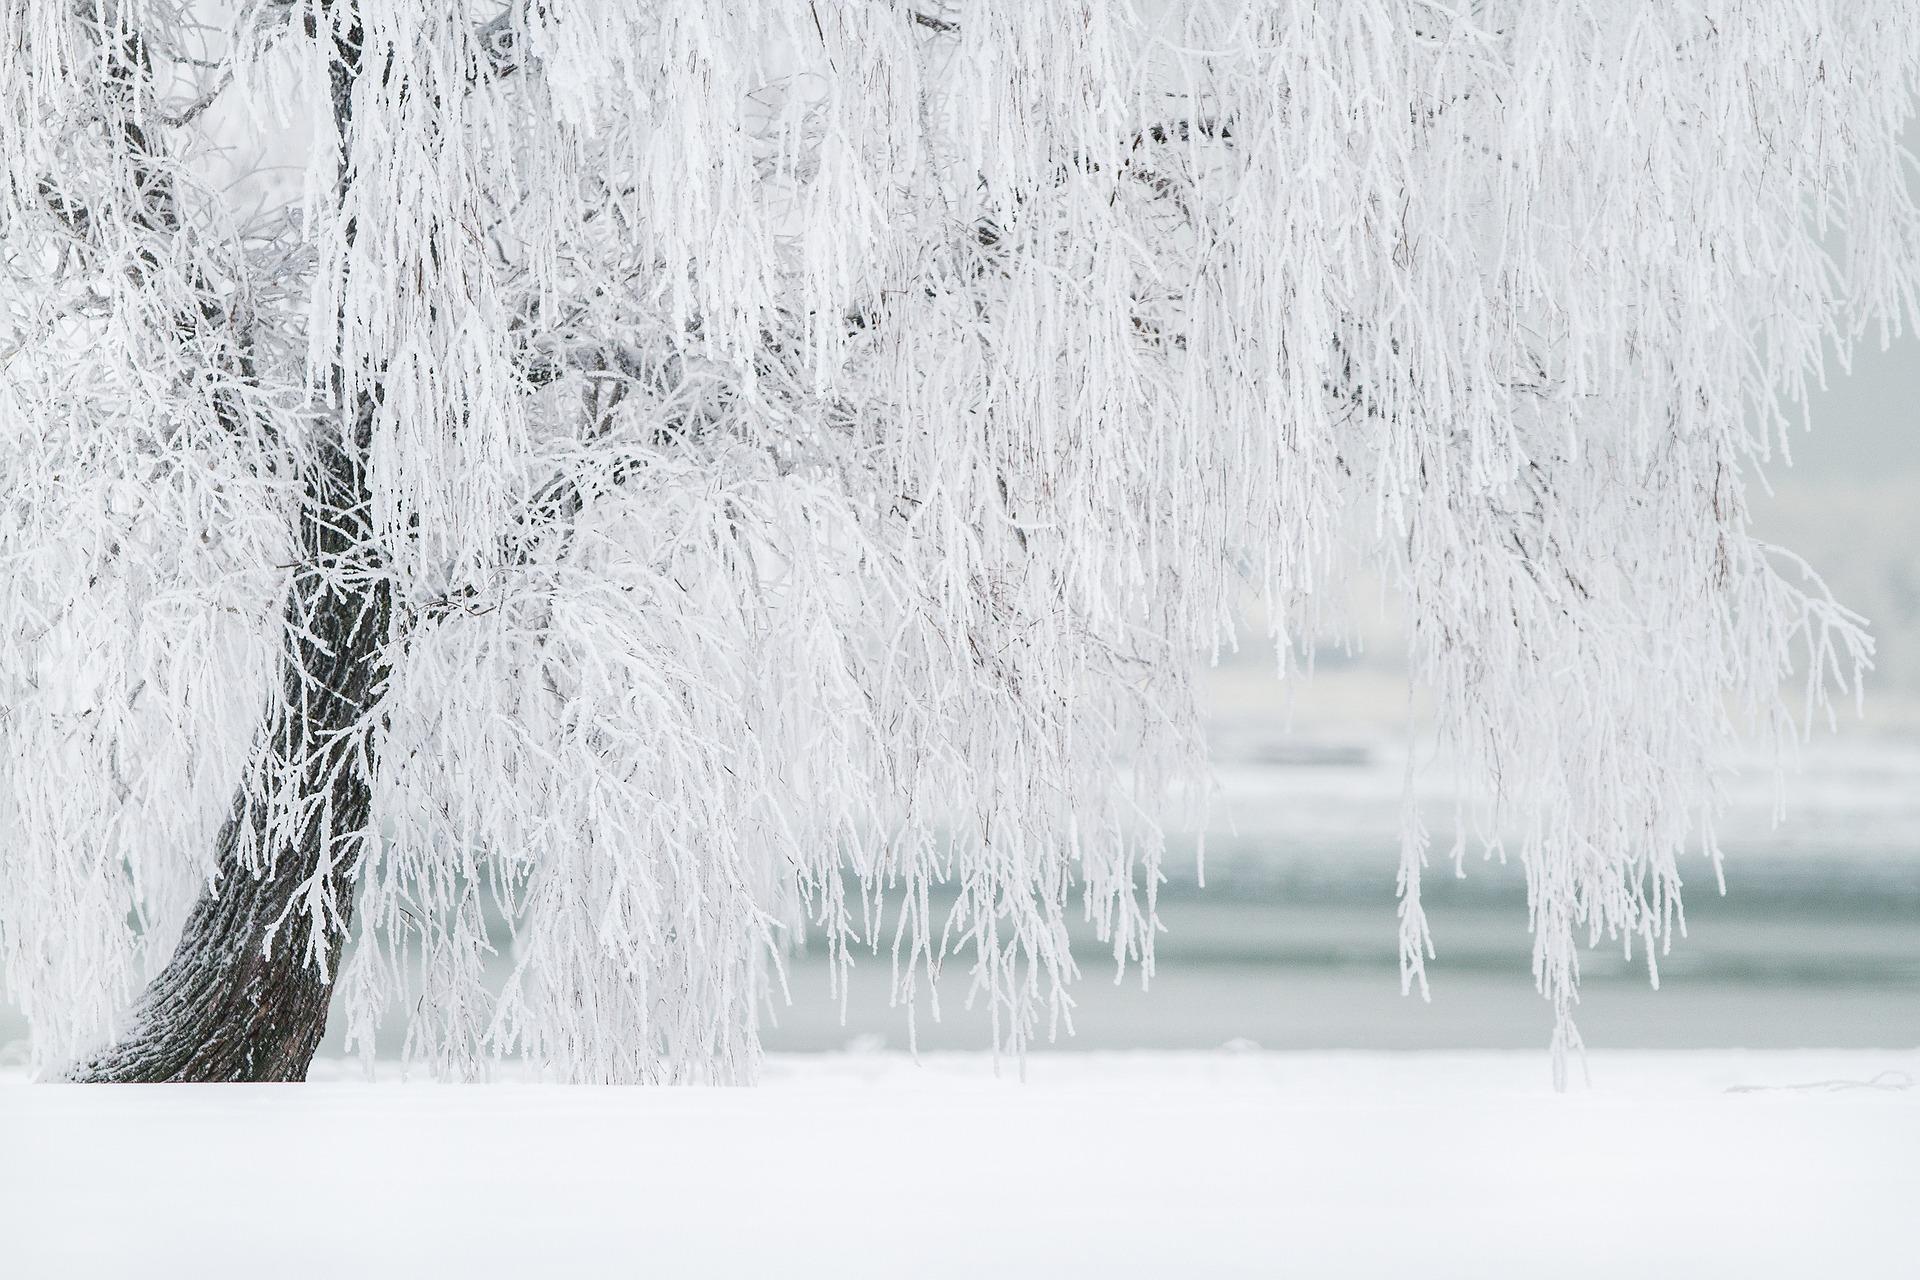 Froid climat cause externe de la maladie